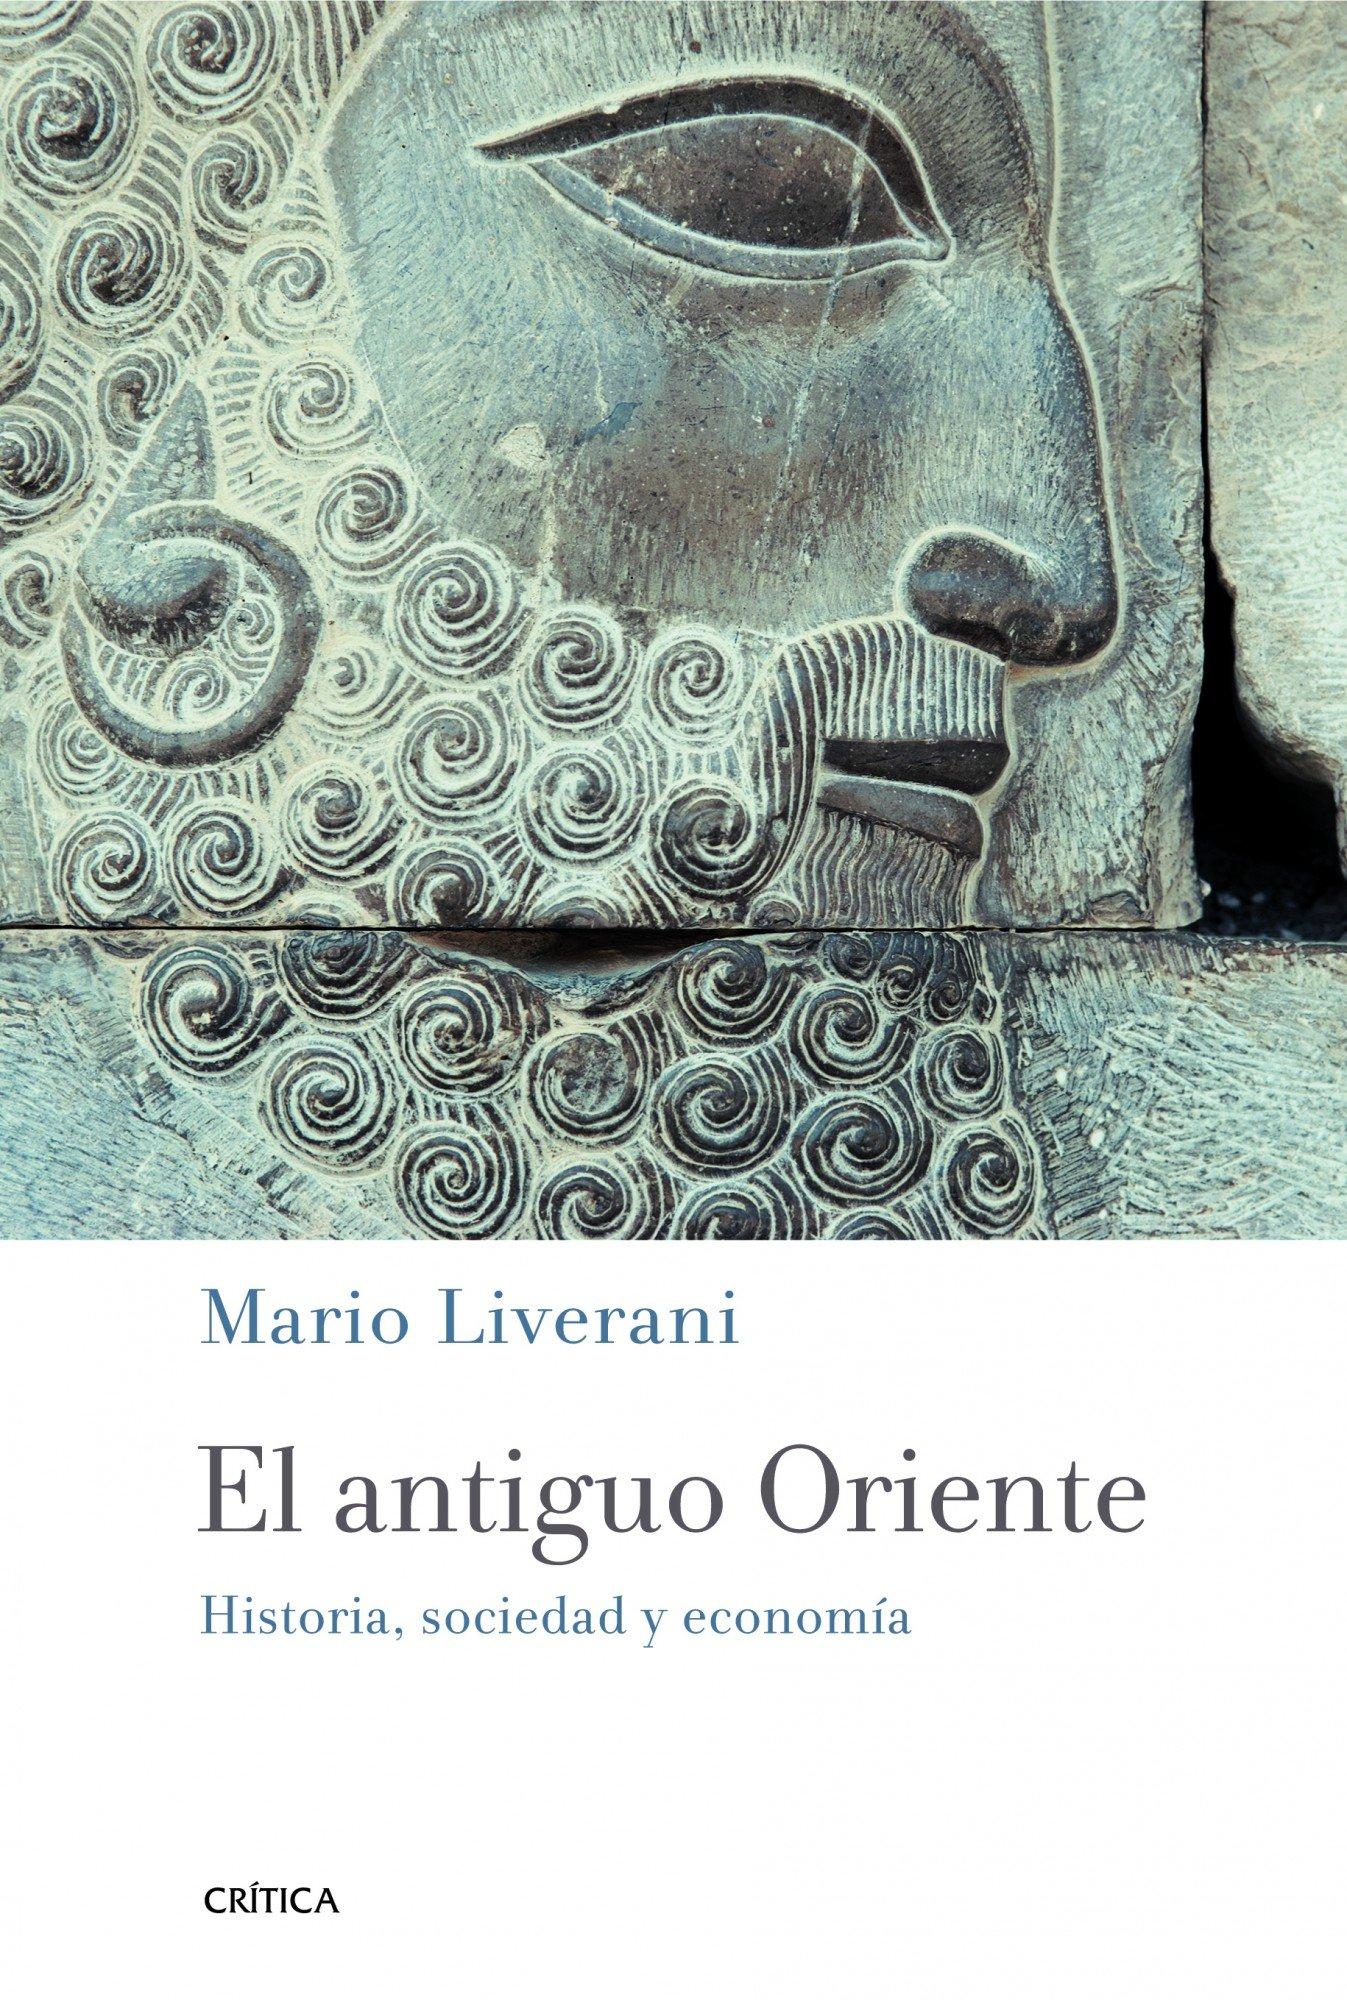 El antiguo Oriente: Historia, sociedad y economía (Crítica/Arqueología) Tapa blanda – 7 jun 2012 Mario Liverani Juan Vivanco Gefaell Editorial Crítica 8498923921